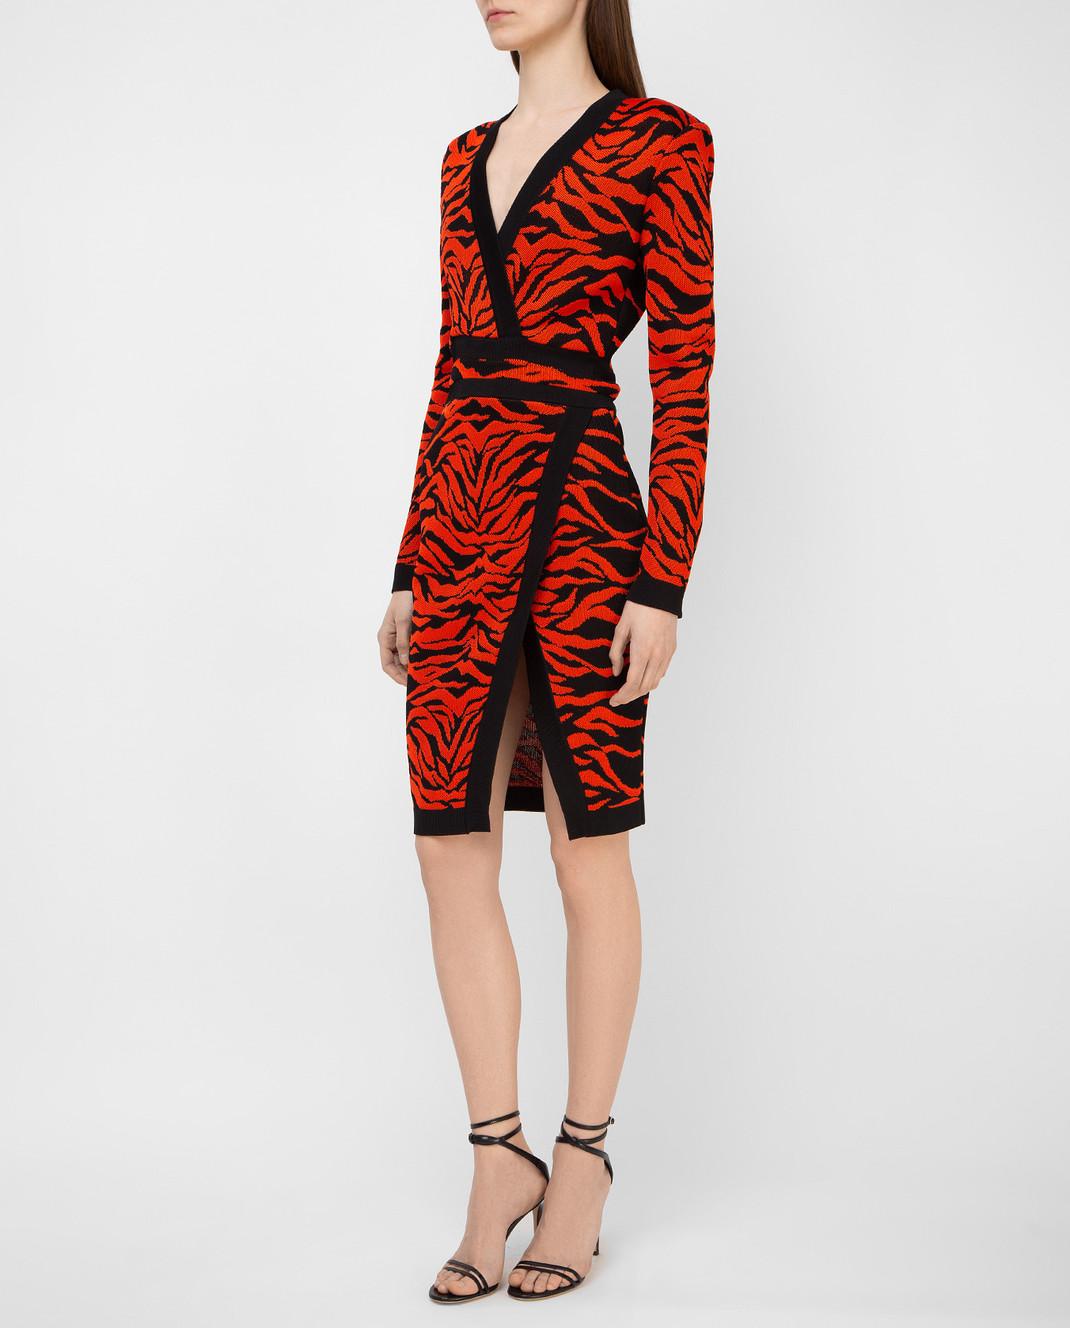 Balmain Оранжевое платье 6975482M изображение 3